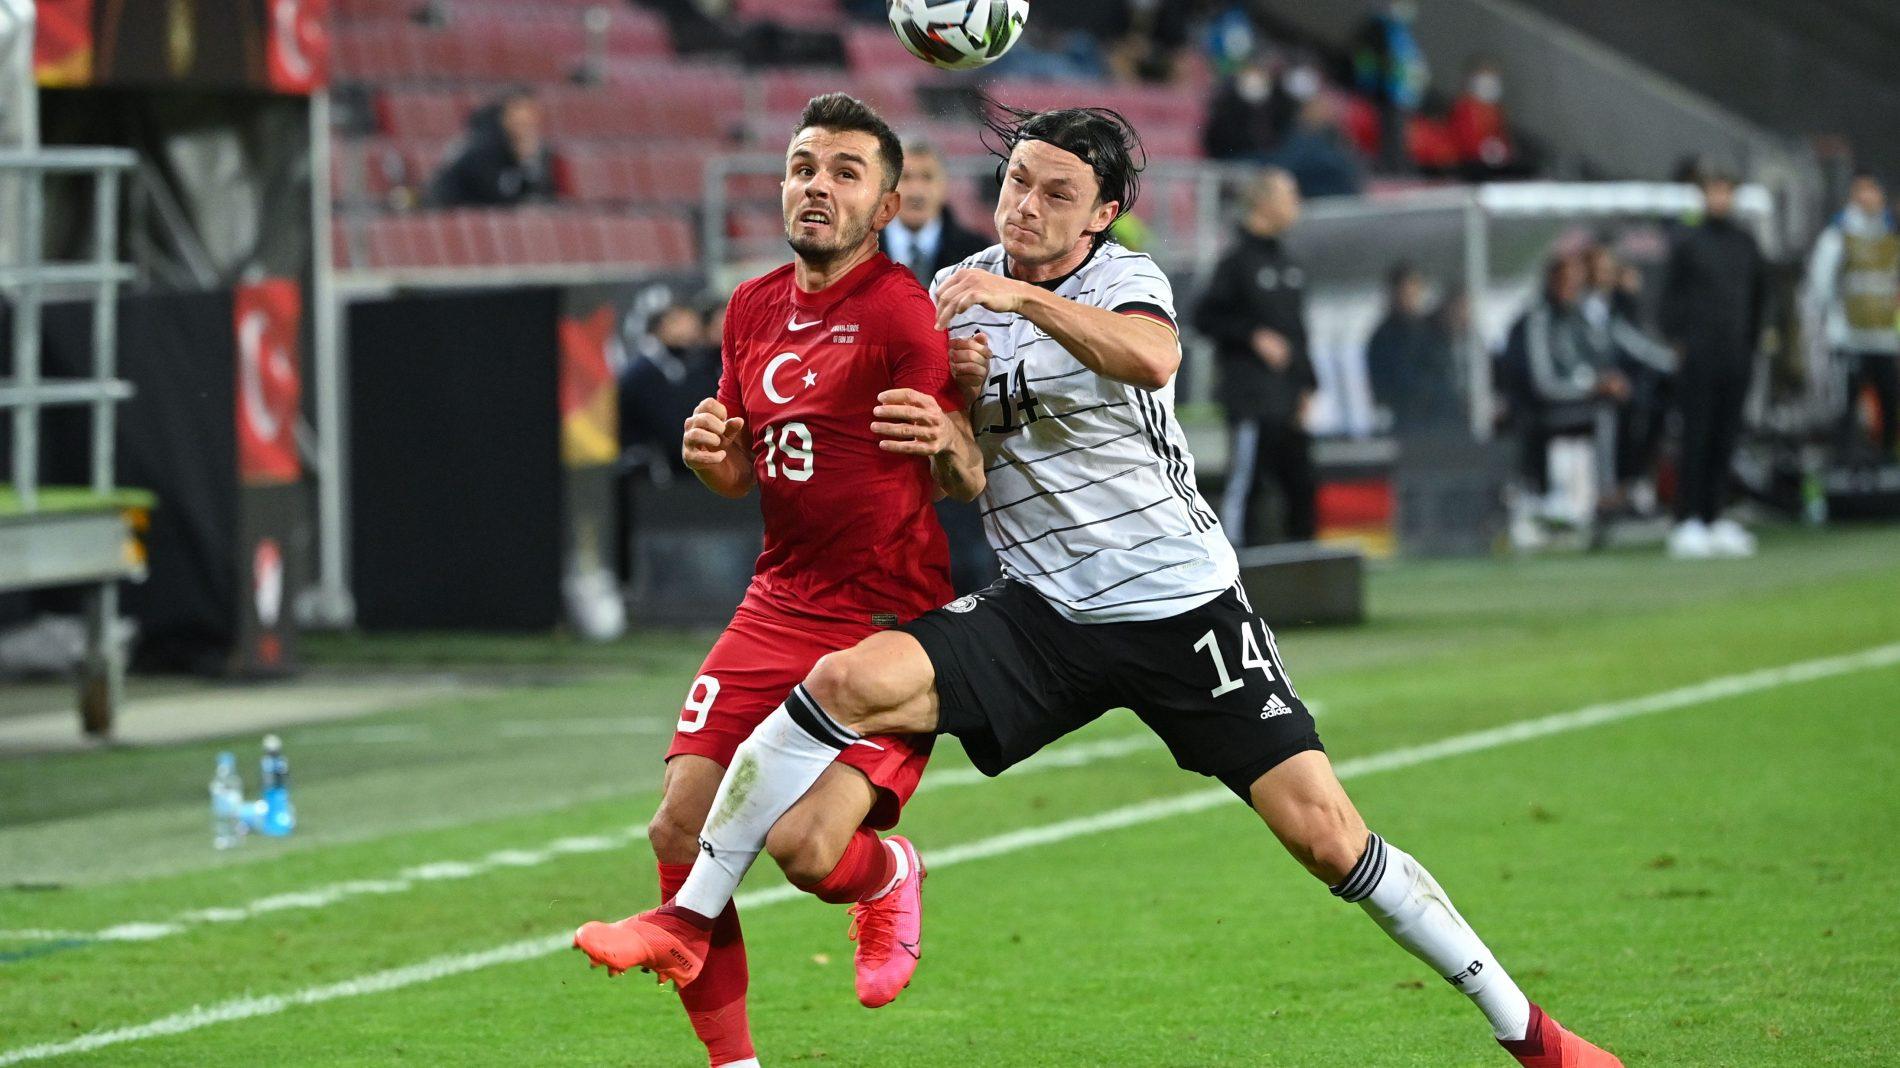 德甲旧将:德国队目前确实有很多本不该出现在那里的球员